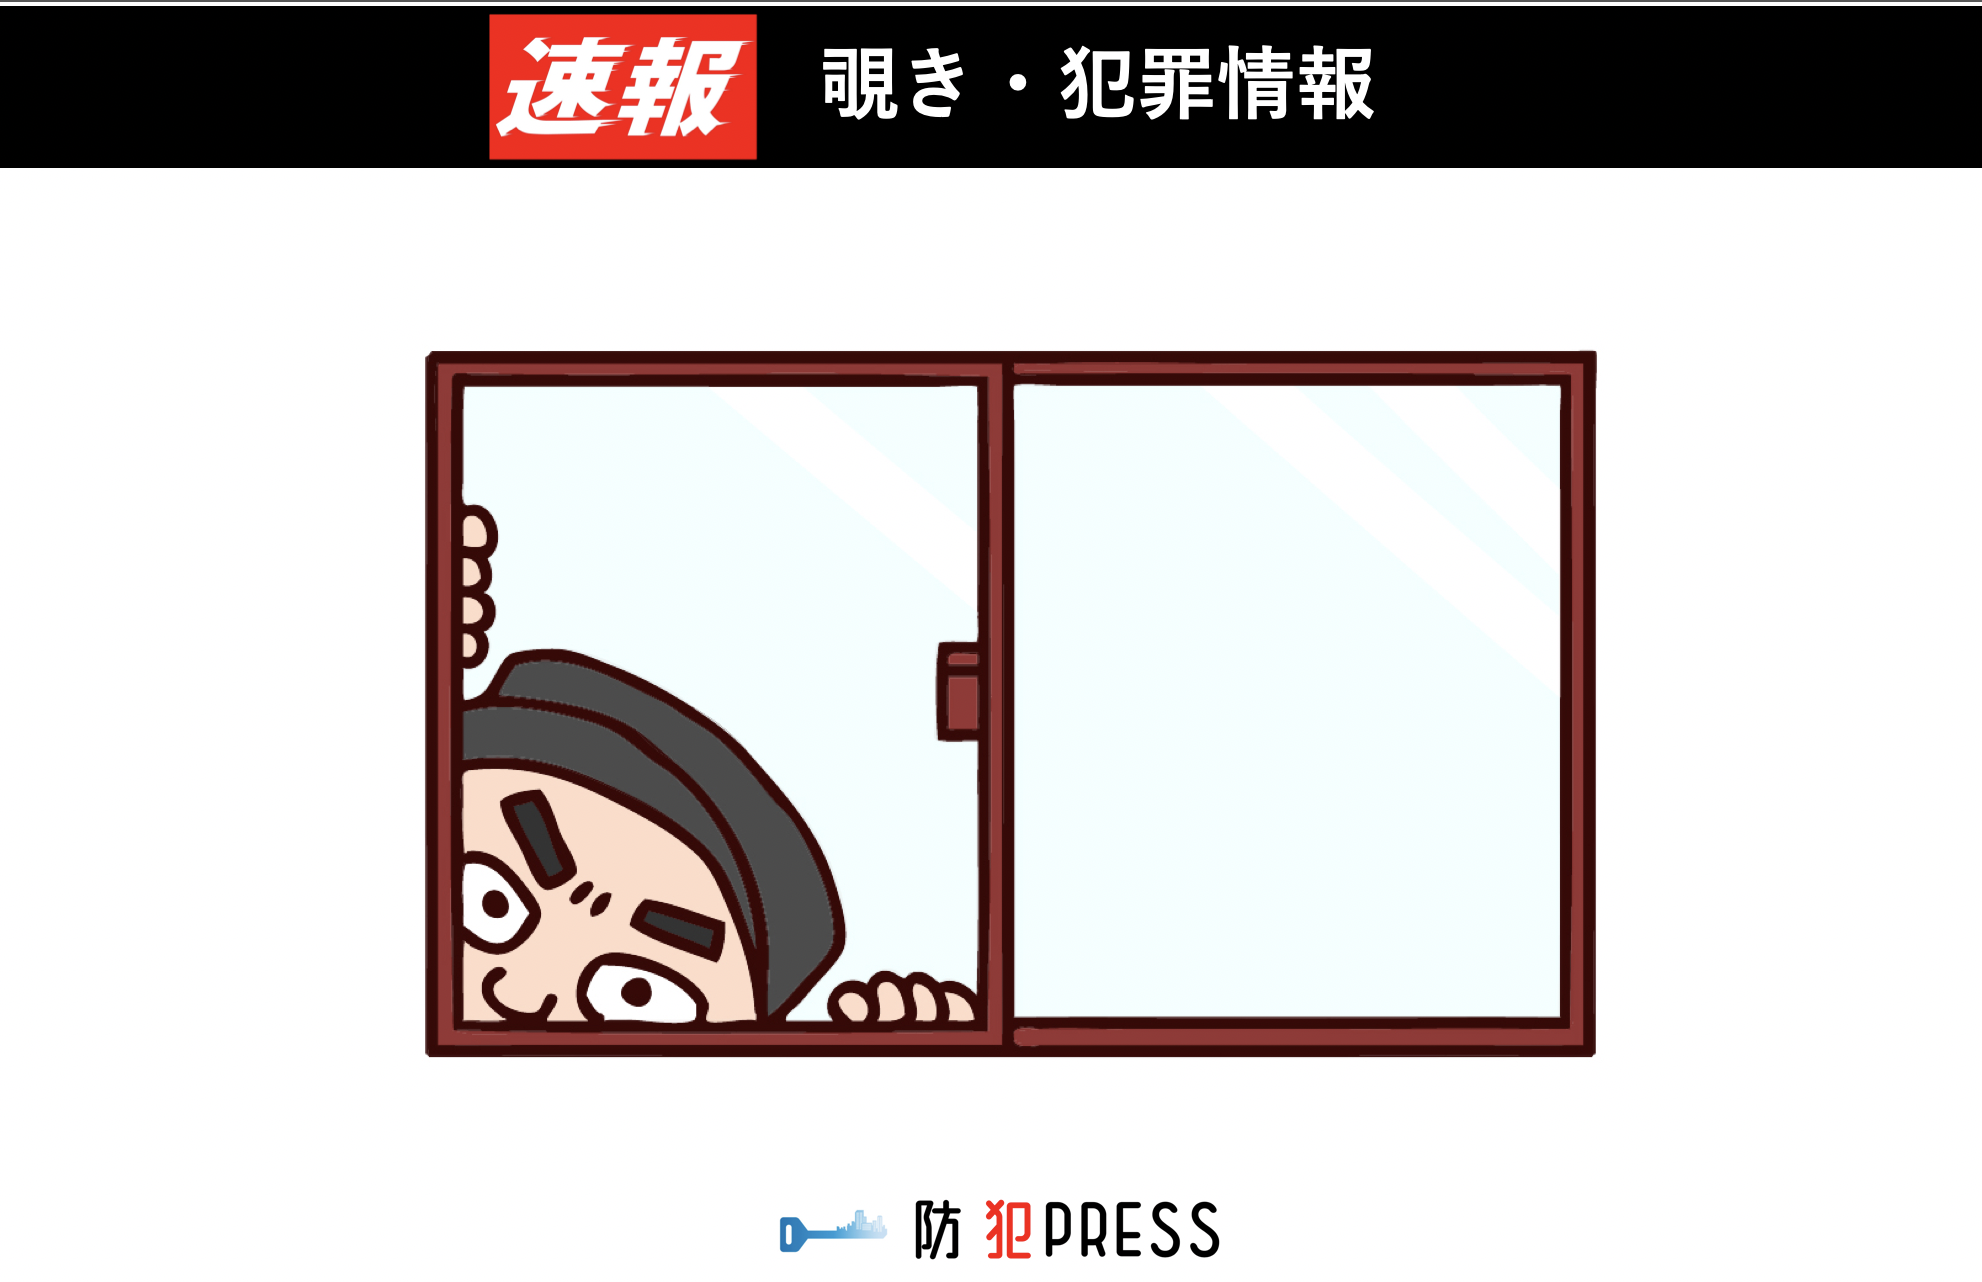 ひばりくん防犯メール【その他の犯罪情報】